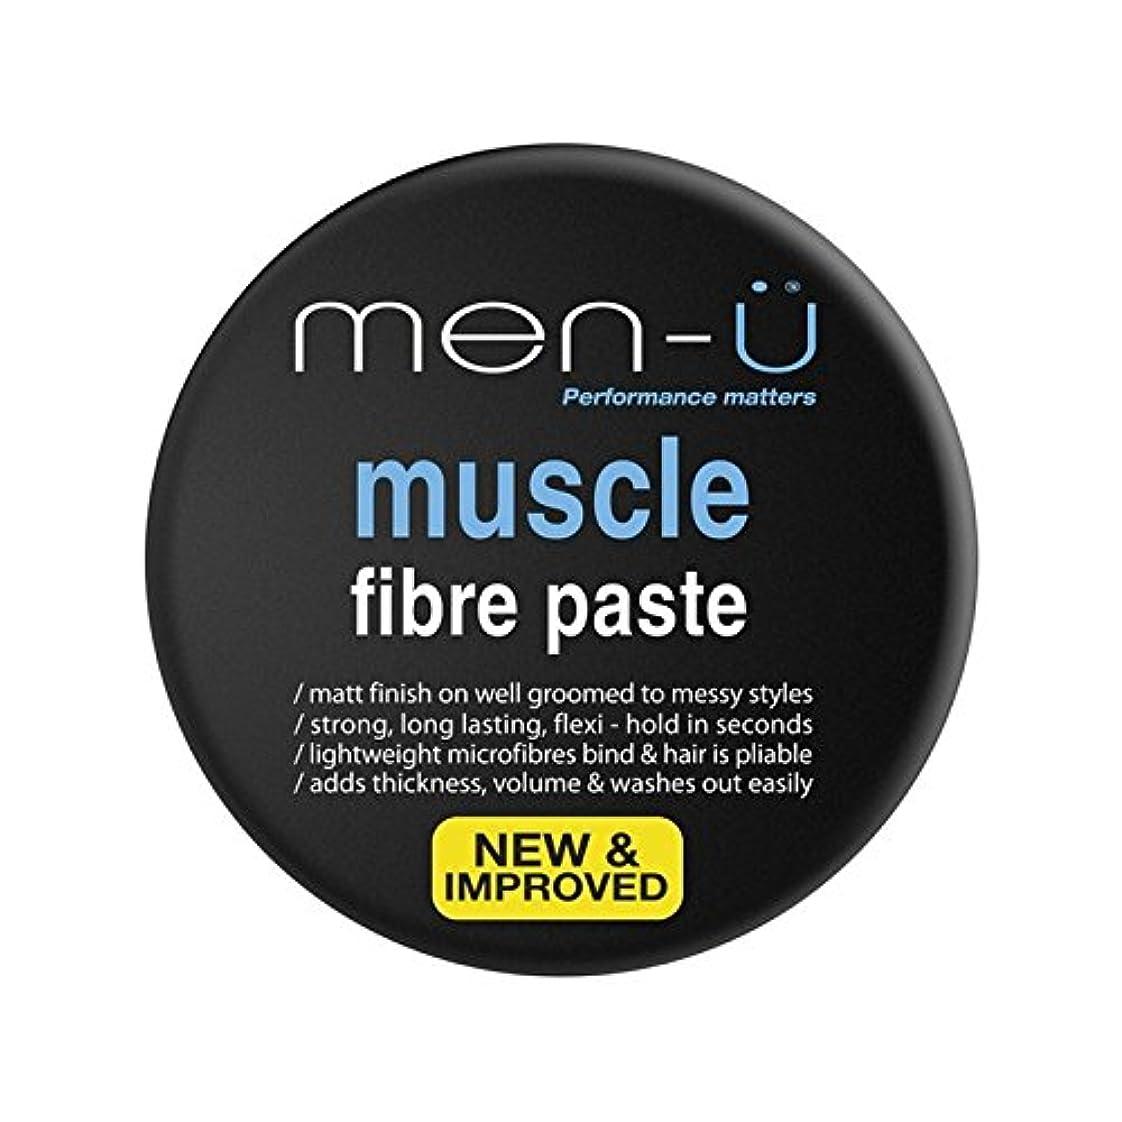 言い訳連続した称賛Men-? Muscle Fibre Paste (100ml) (Pack of 6) - 男性-?筋線維ペースト(100ミリリットル) x6 [並行輸入品]